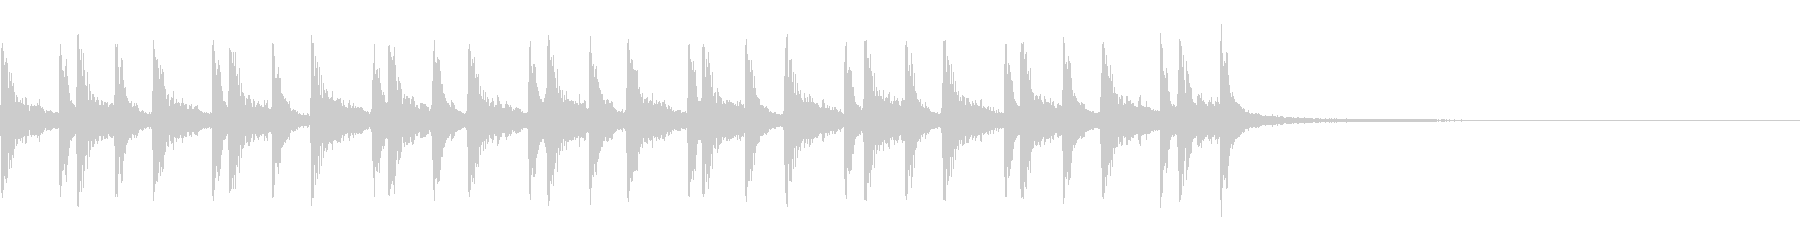 生ドラム_4小節16beatサンプリングの未再生の波形